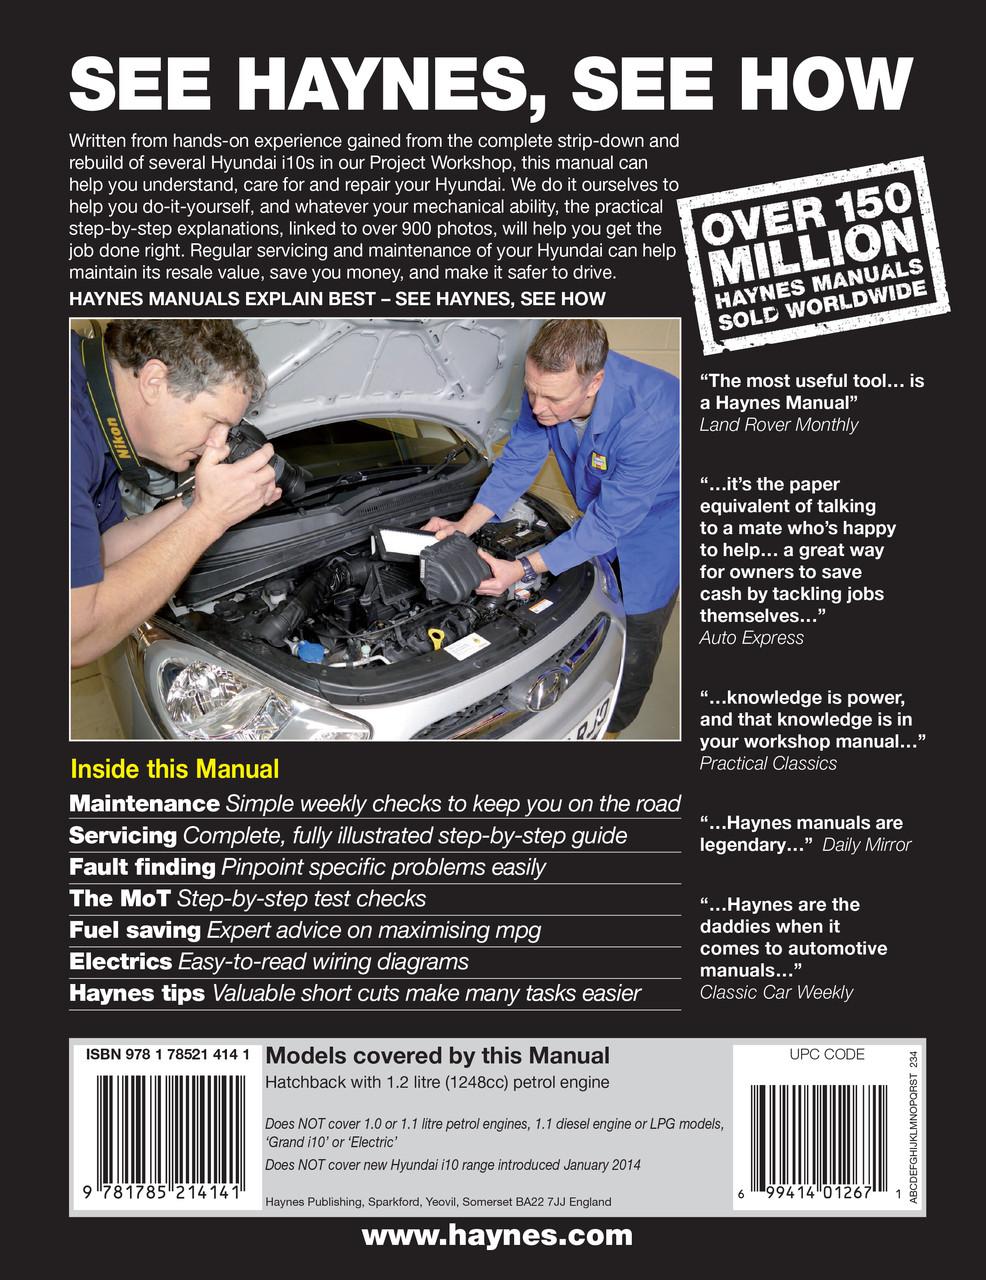 hyundai i10 2008 - 2013 58 to 63 petrol haynes workshop repair manual  (9781785214141)